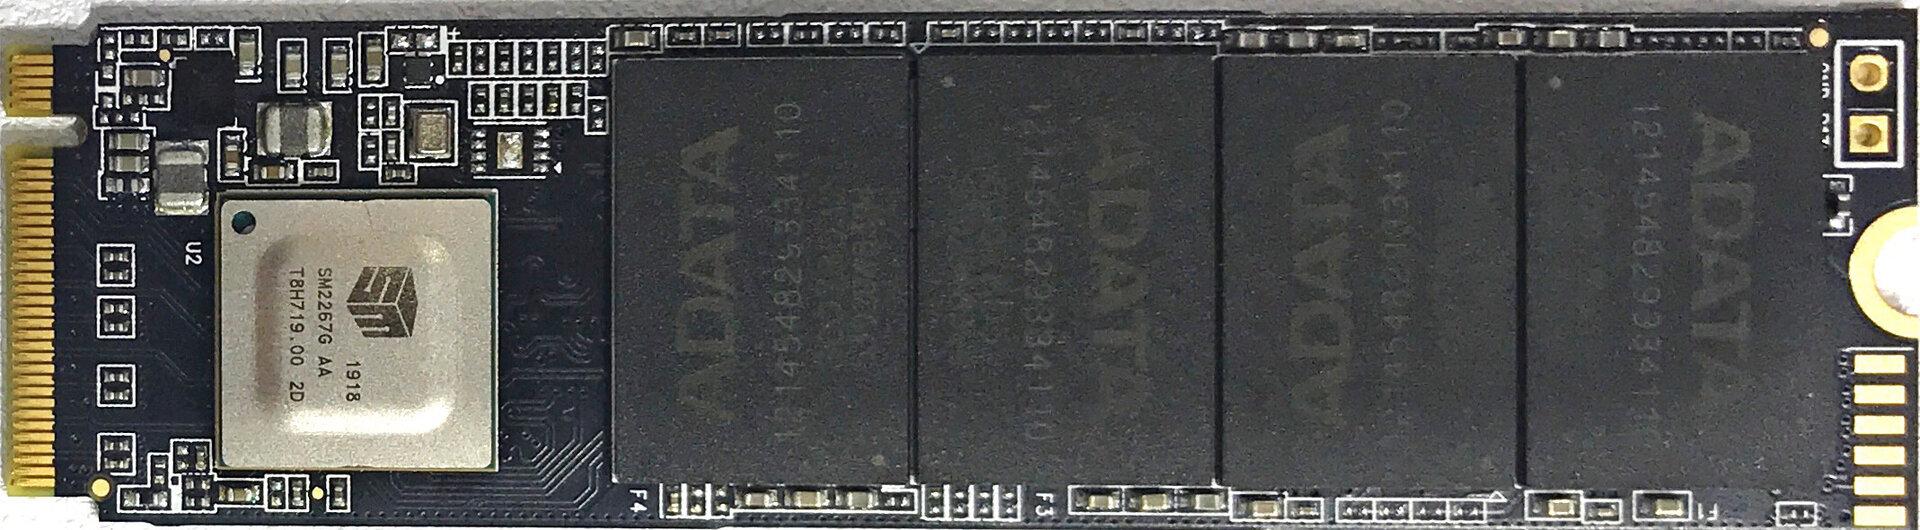 """Adatas """"PCIe 4.0 SSD"""" mit SM2267G ..."""